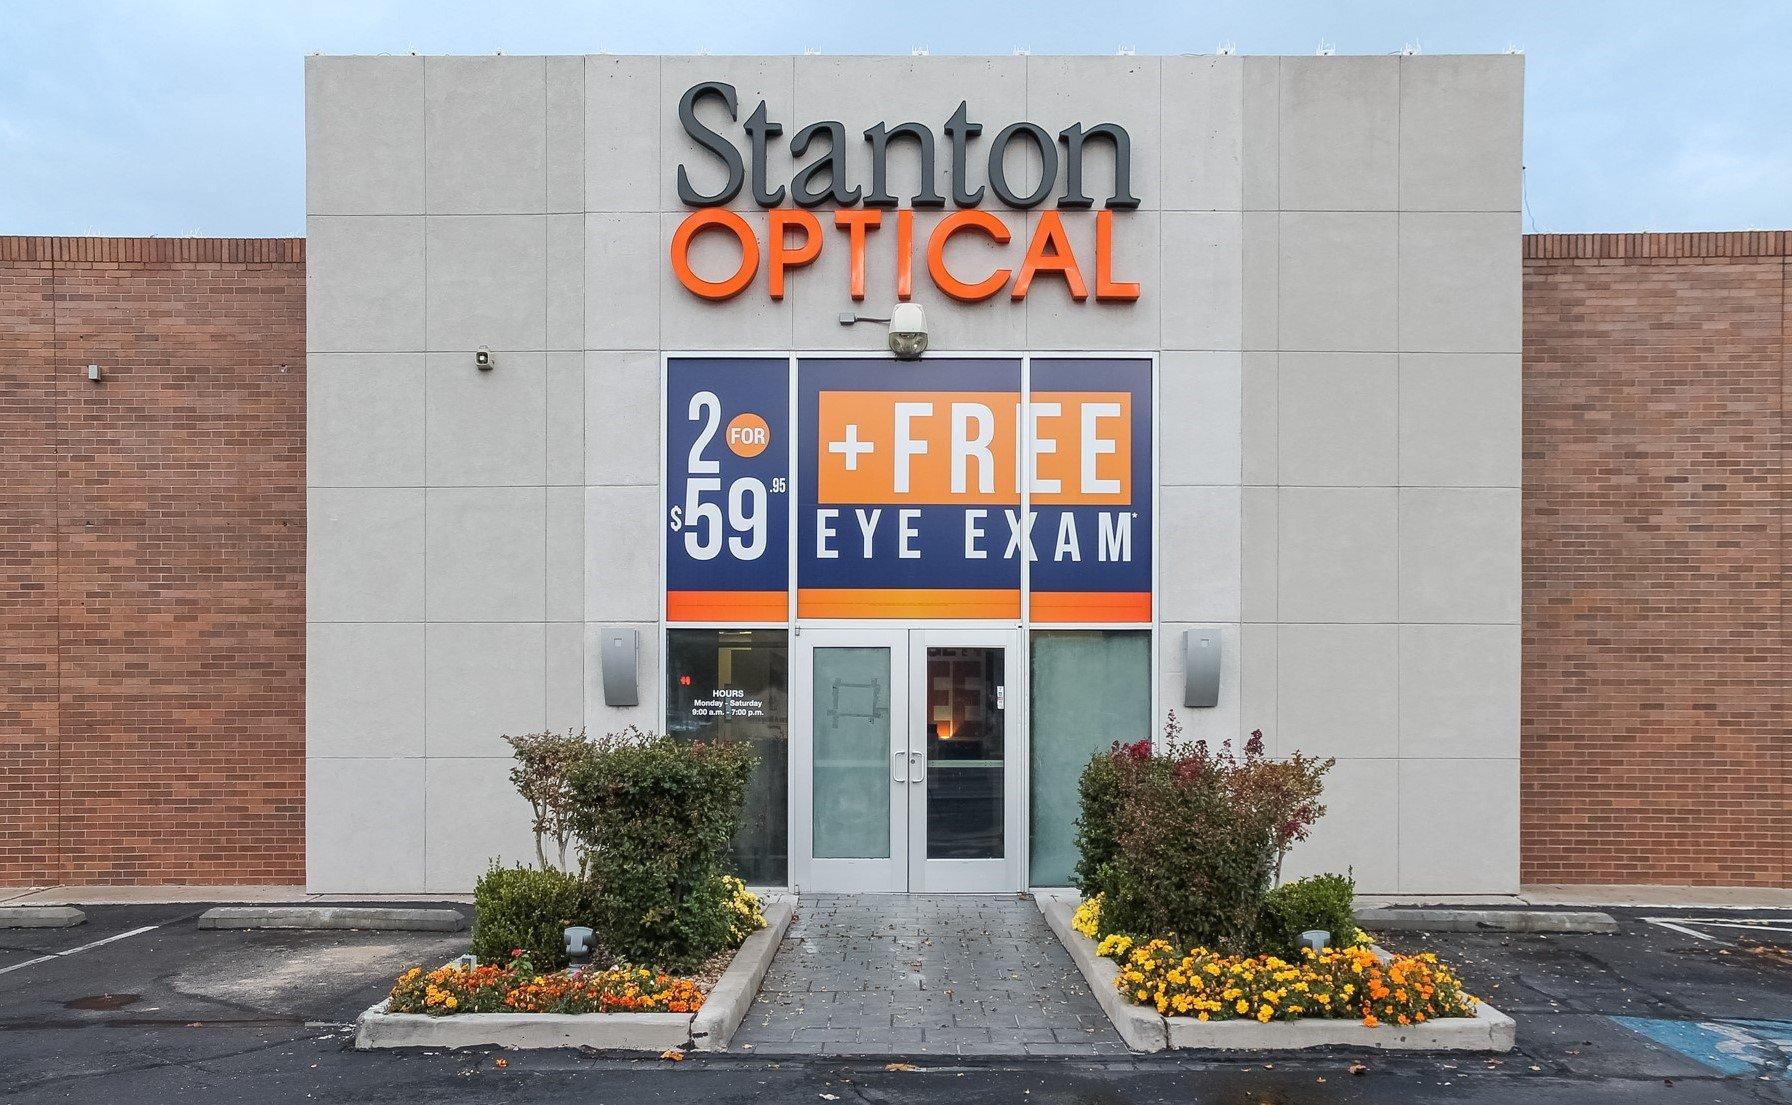 Eyeglasses Contacts Eye Exams In Albuquerque Nm 87110 Stanton Optical